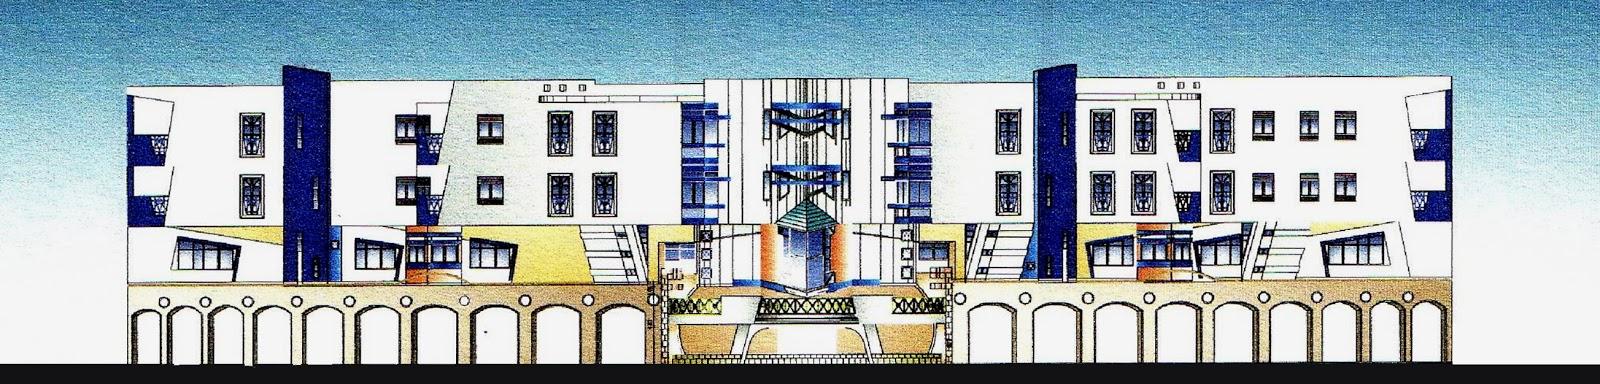 workshop ensemble r sidentiel 2008. Black Bedroom Furniture Sets. Home Design Ideas